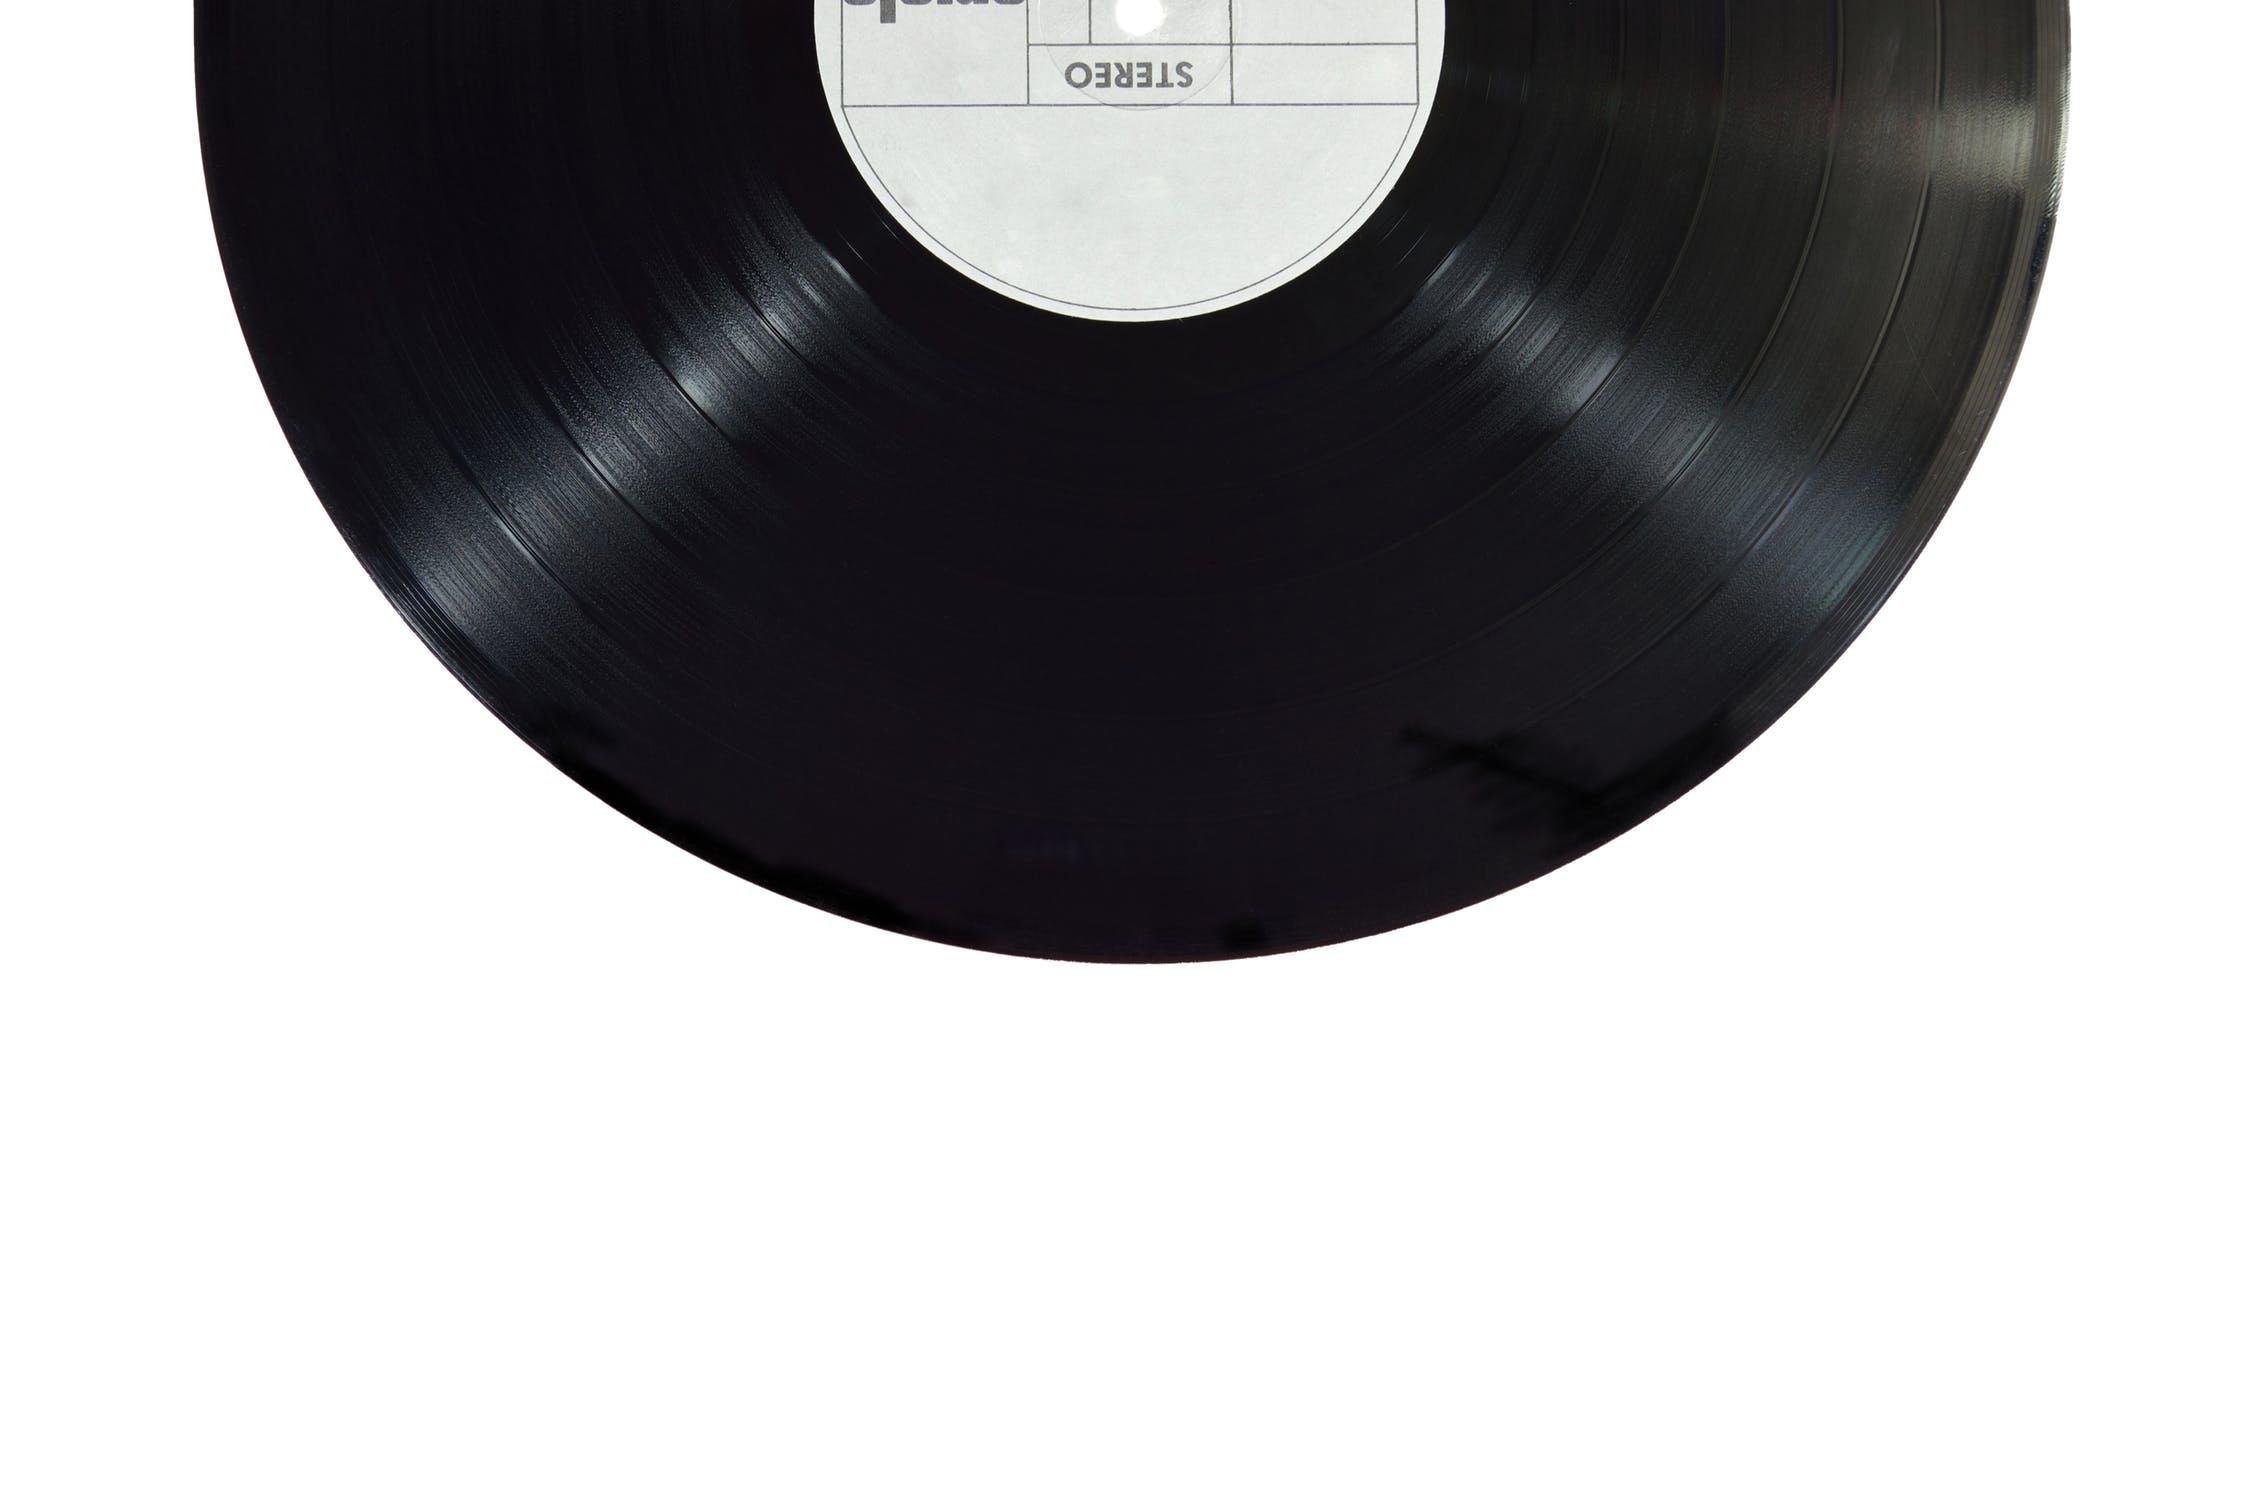 日本索尼23亿美元现金收购 EMI 60%股权,成为全球最大音乐版权商